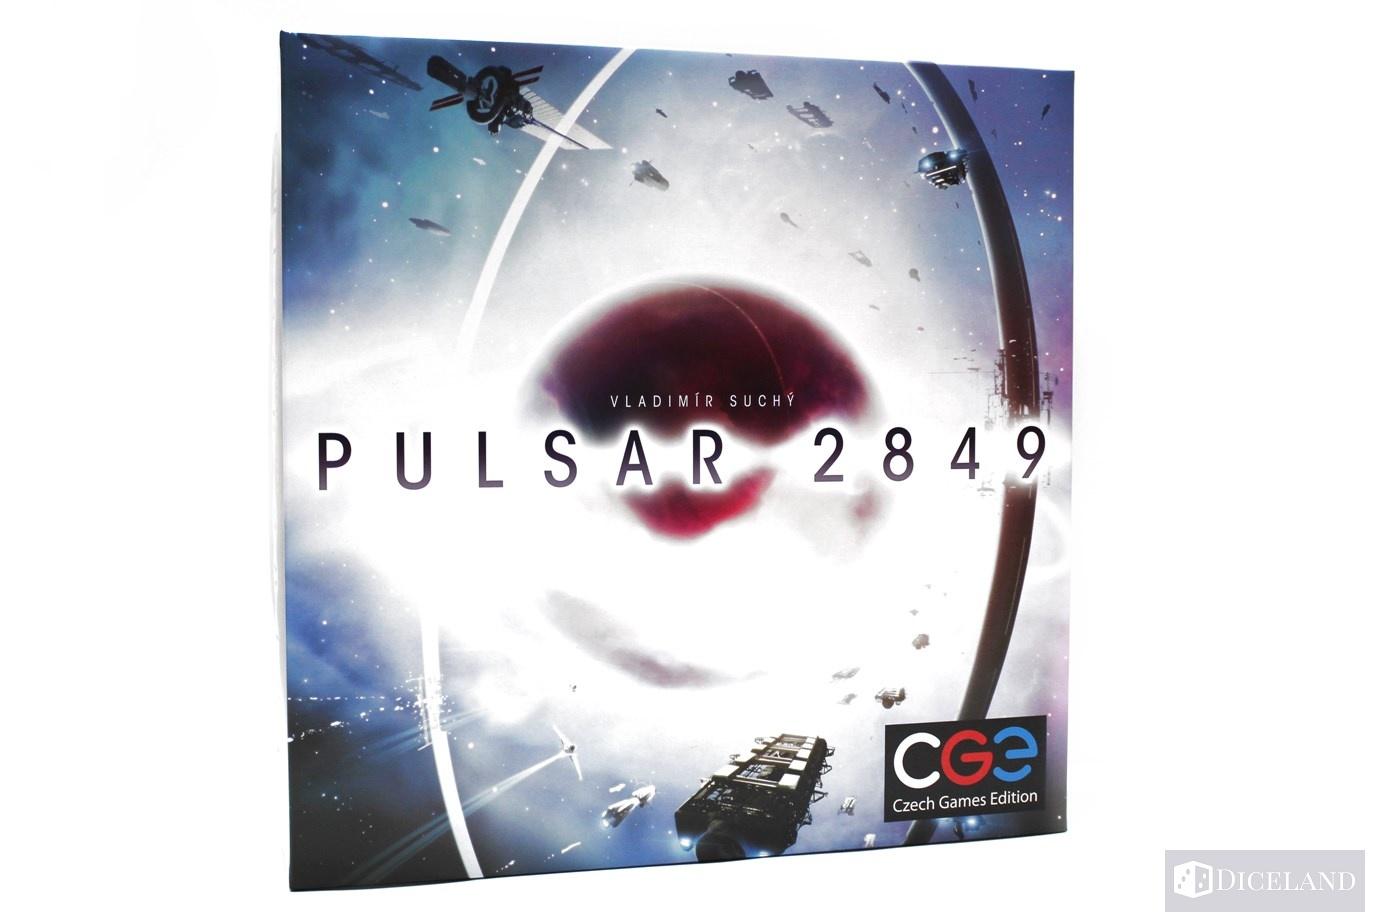 IS pulsar 2849 17 Unboxing #12 Pulsar 2849